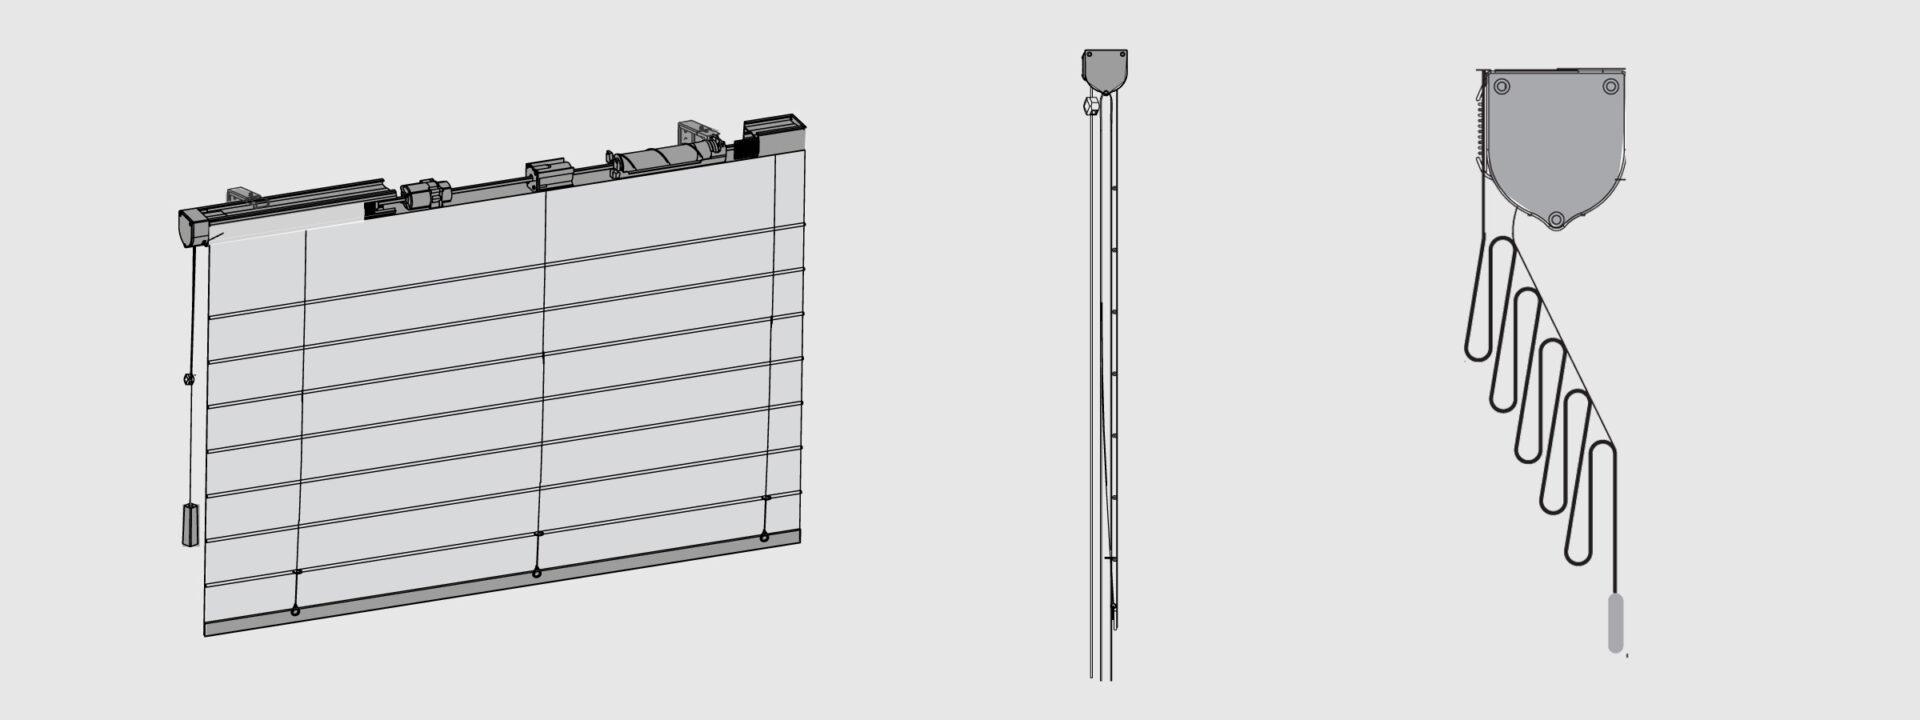 spring-cord-400x900-obrazek-z-rysunkami-technicznymi